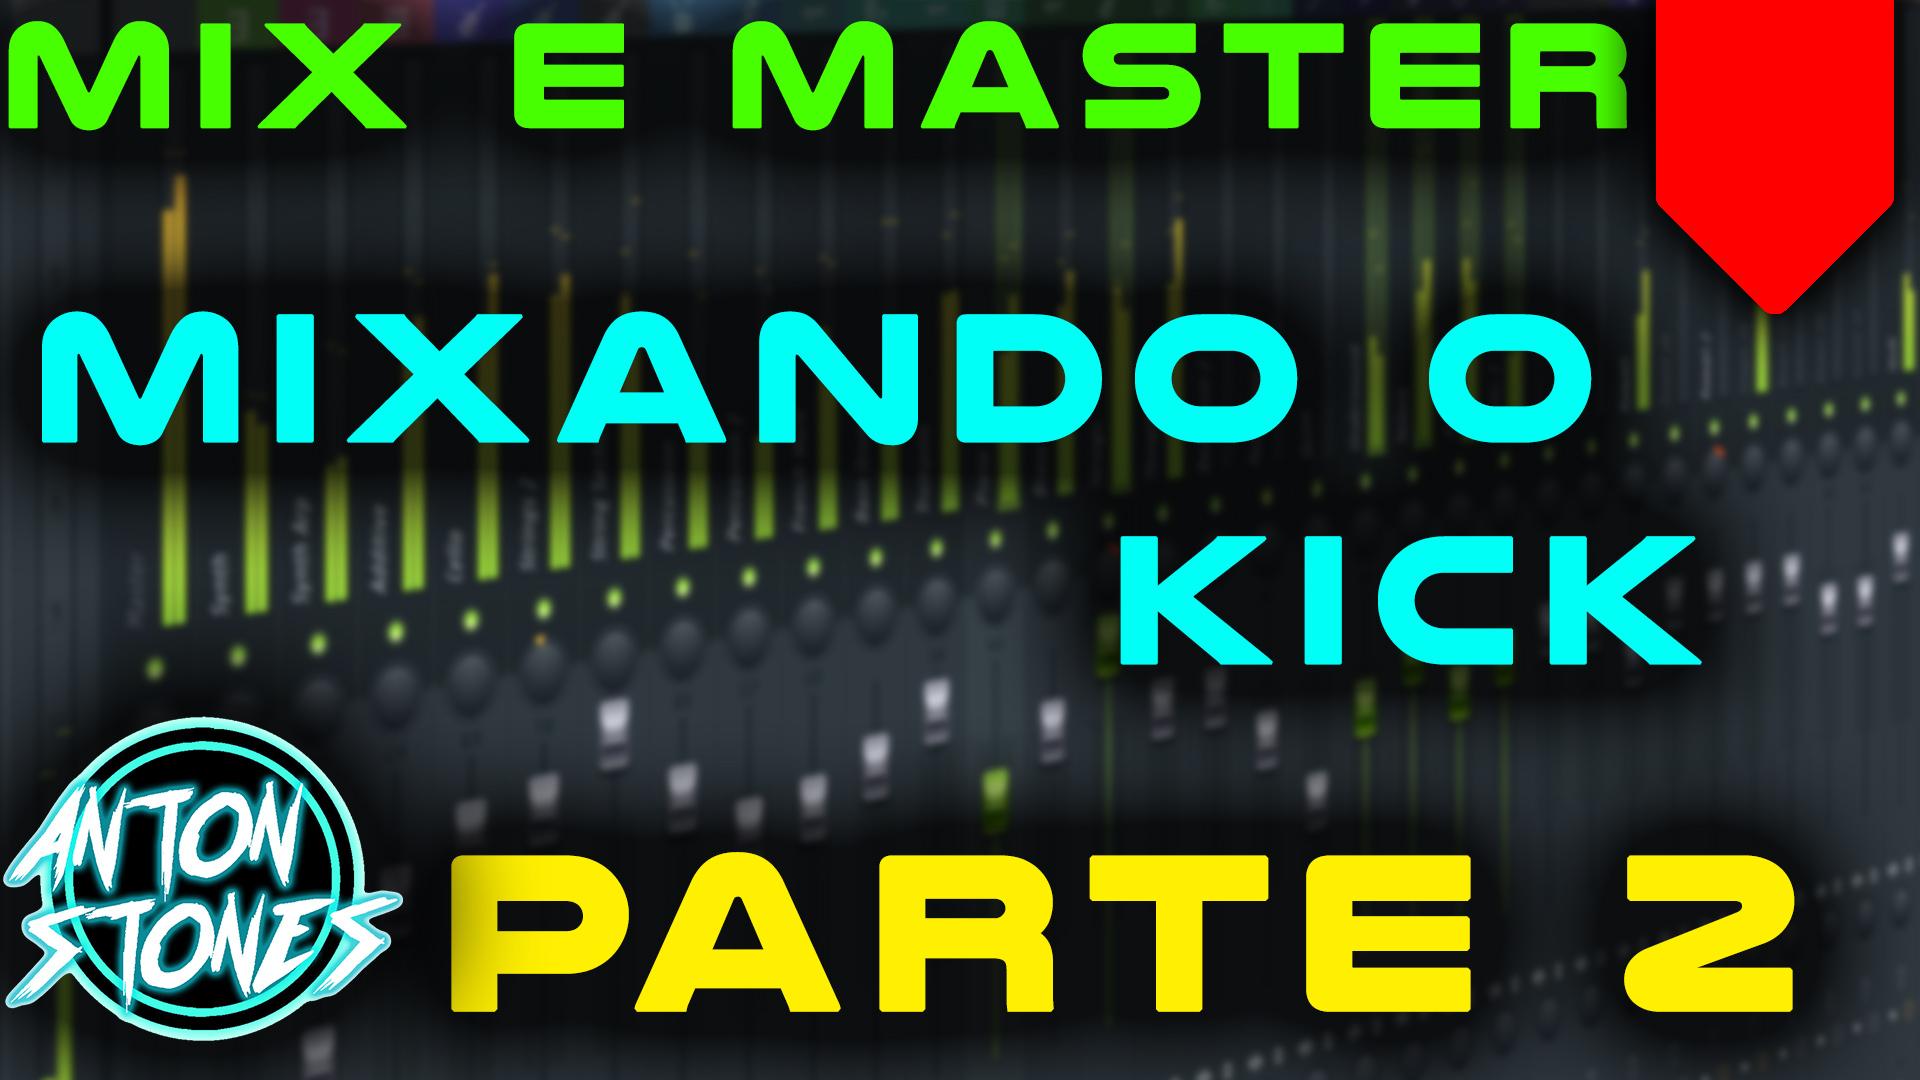 mix e master